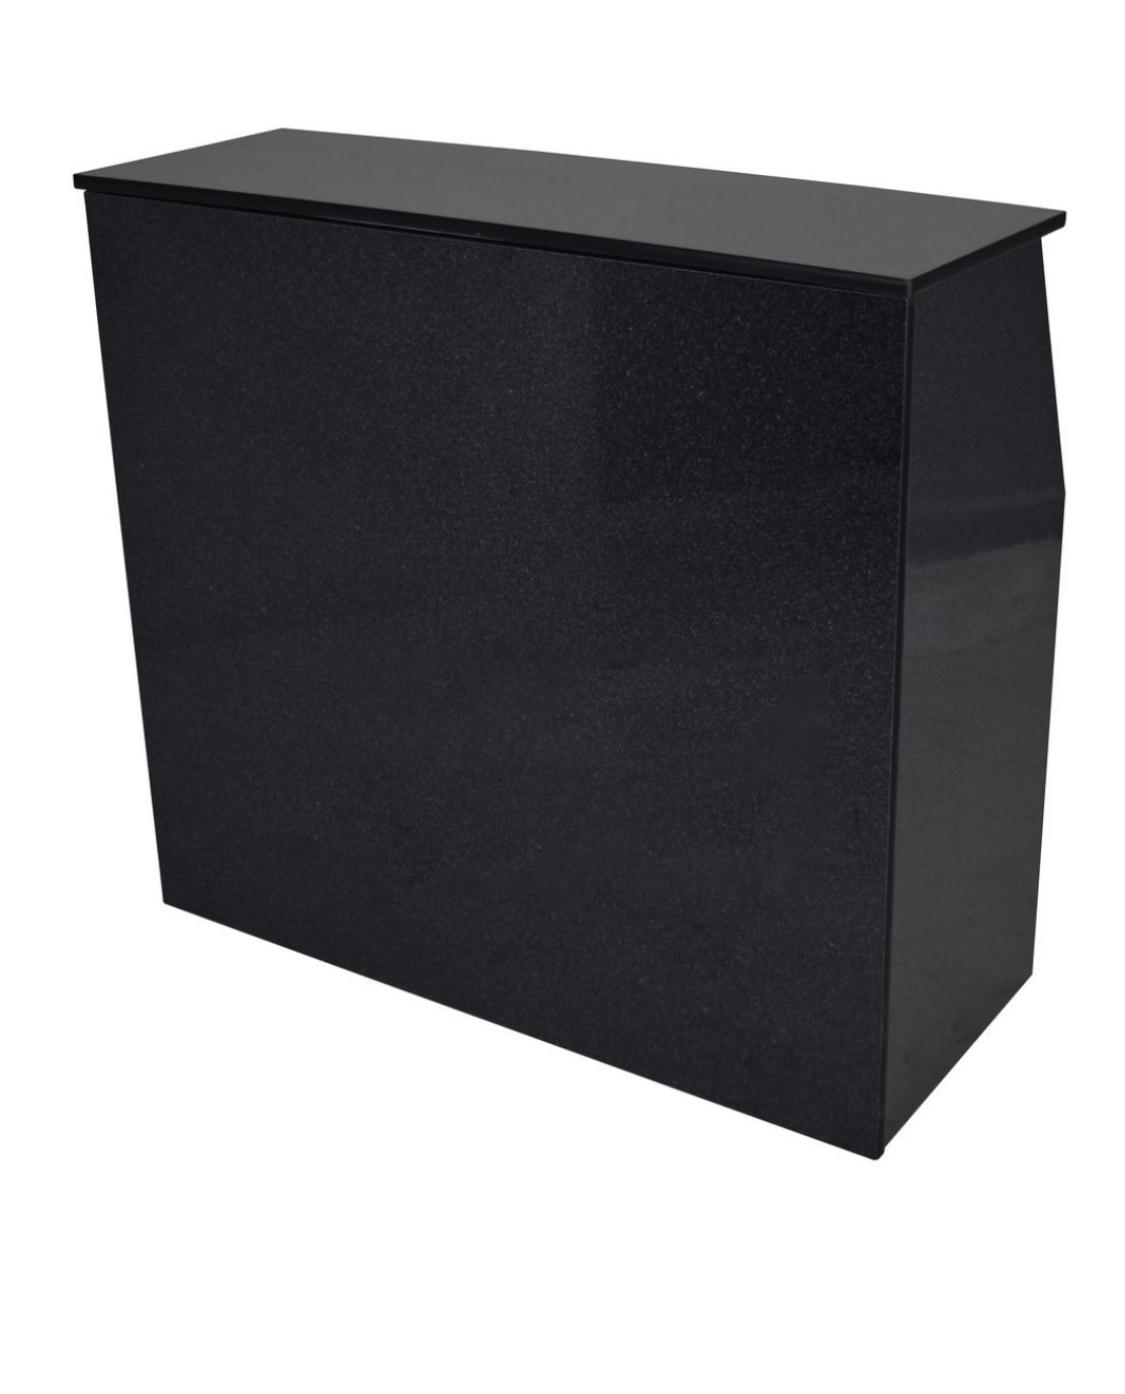 Portable Granite Bar